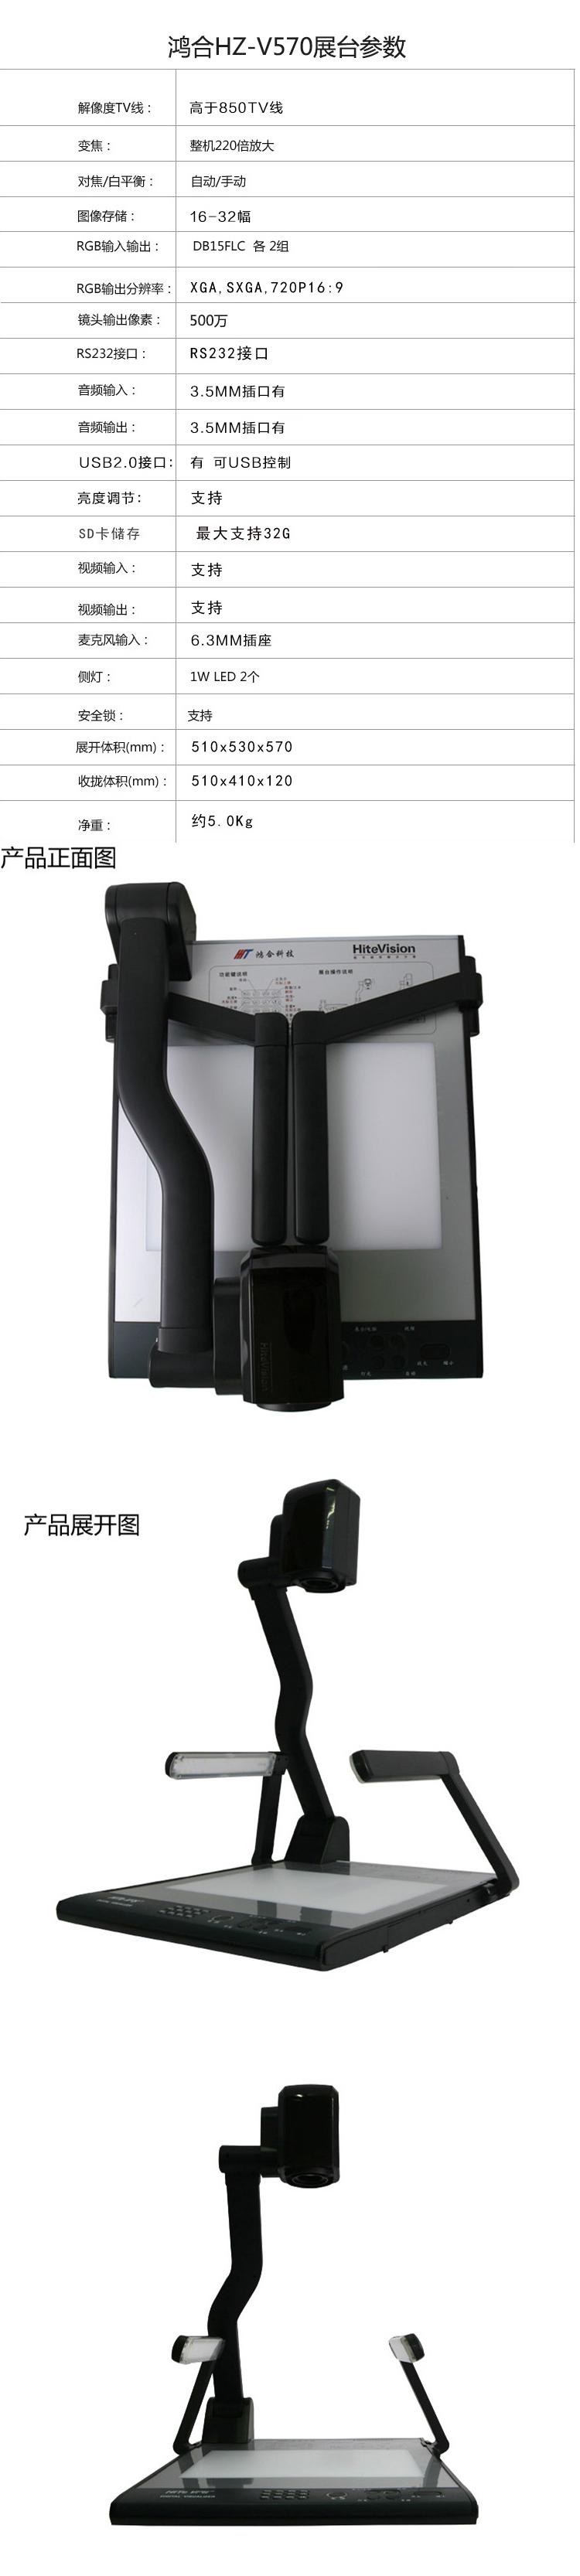 包邮顺丰 鸿合HZ-V570实物视频展示台 500万像素代V270高清视频展台【图片 价格 品牌 报.jpg